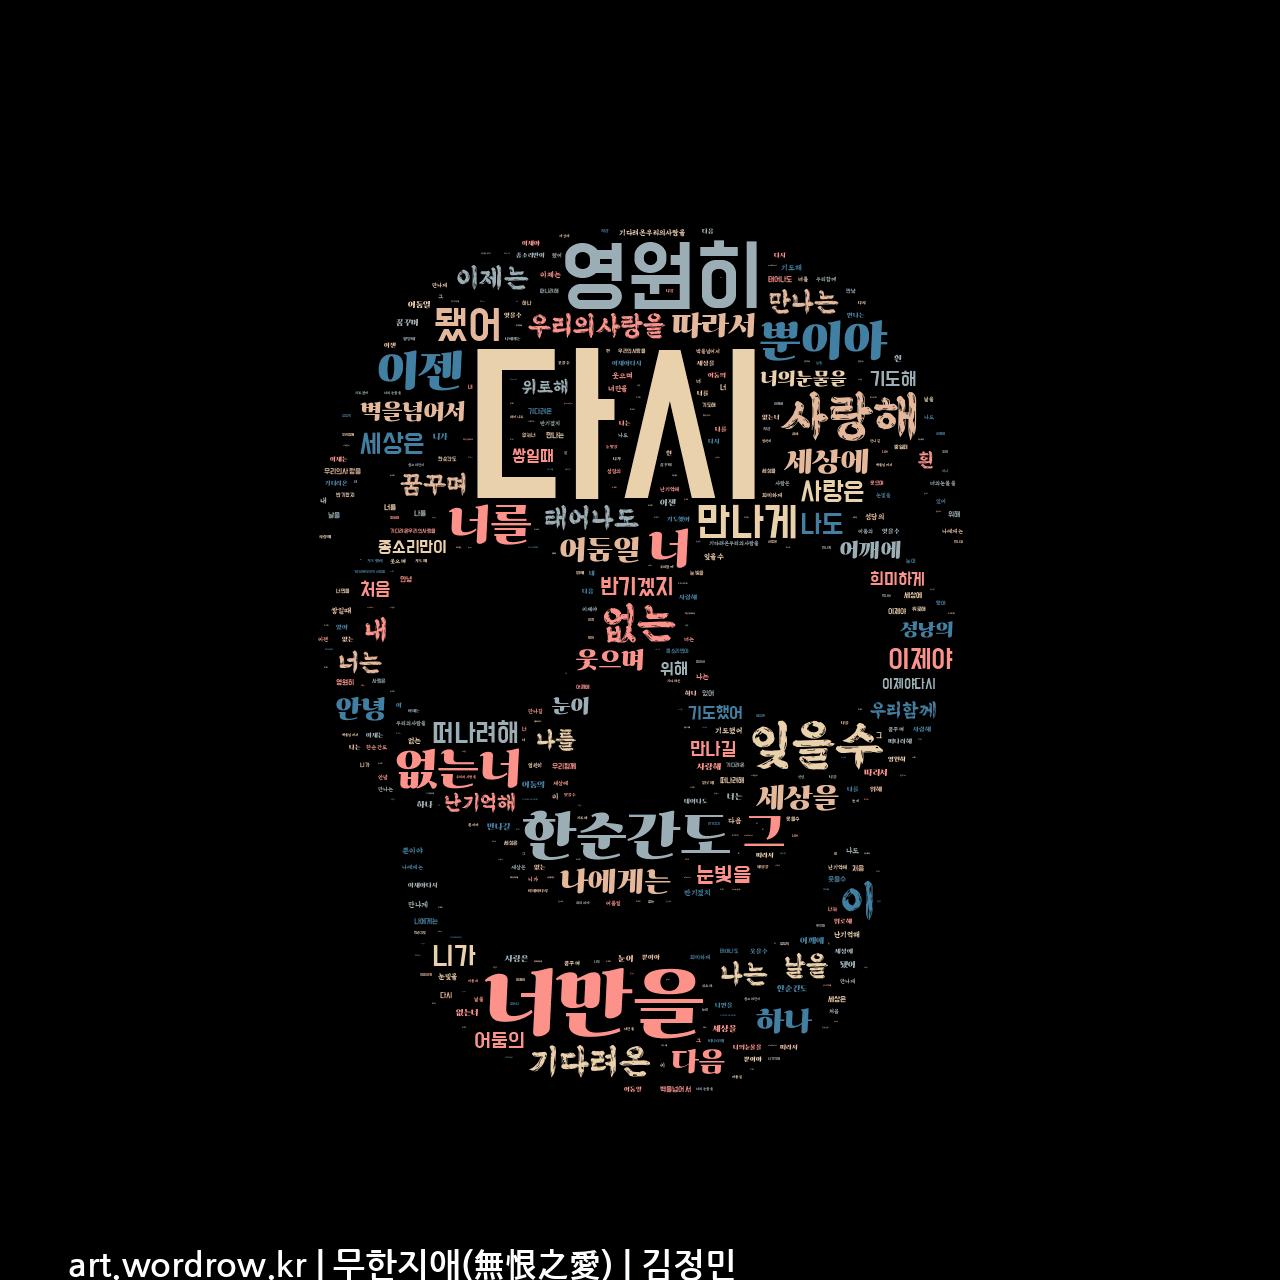 워드 아트: 무한지애(無恨之愛) [김정민]-48